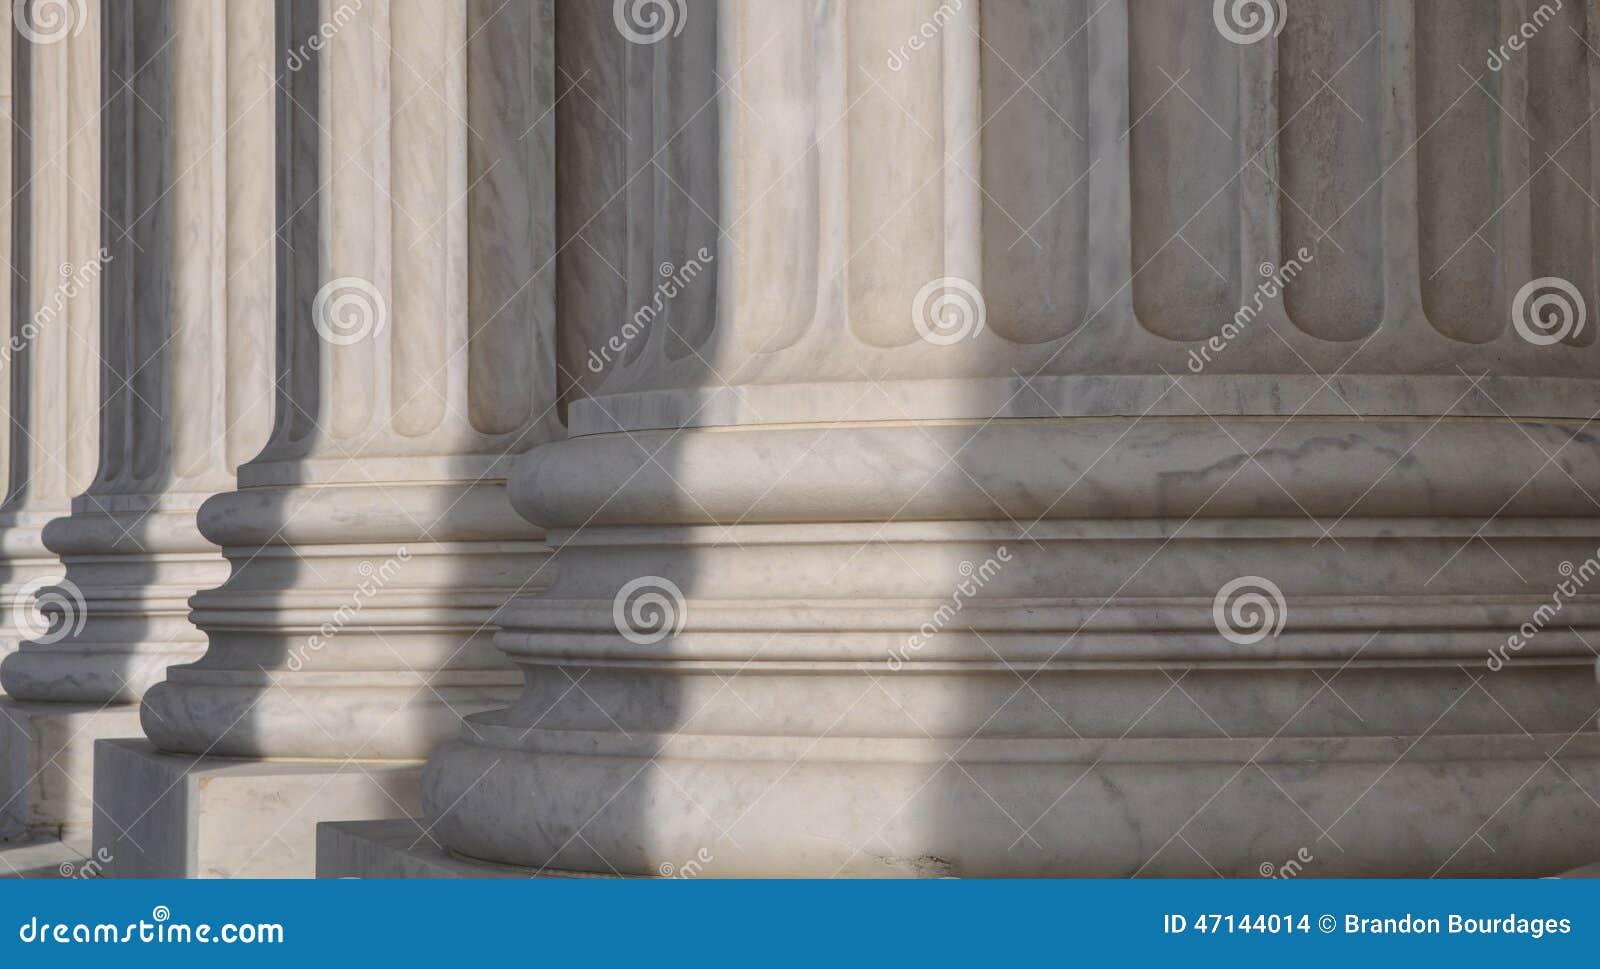 штендеры суда высшие